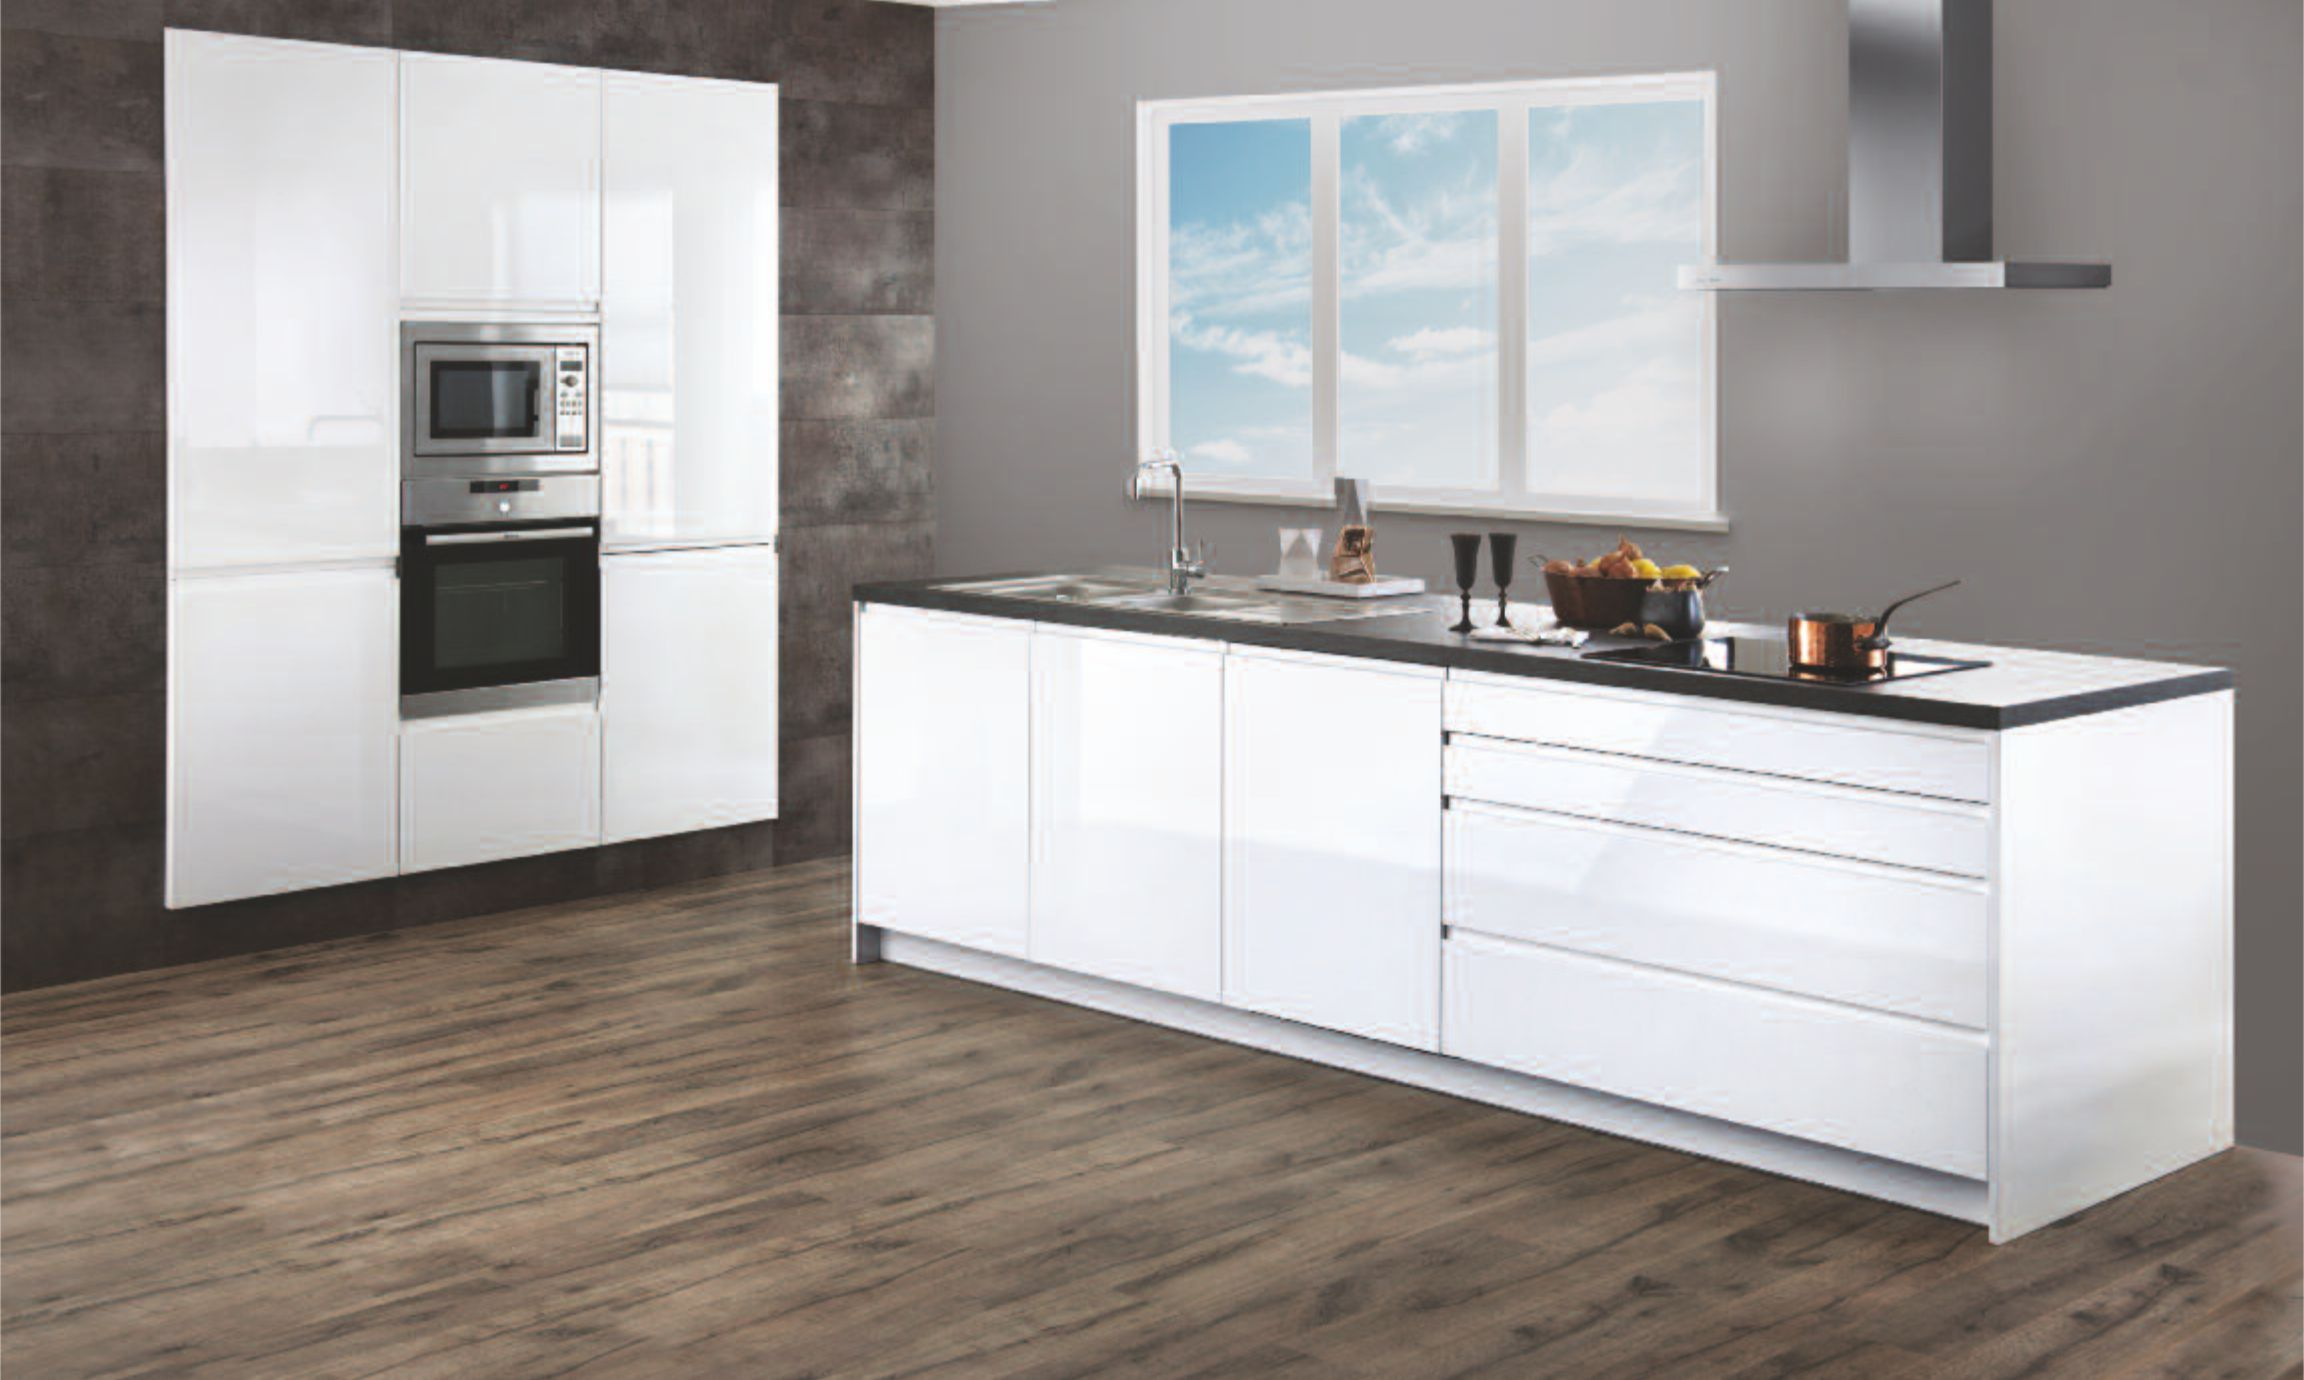 Moderne Keuken Kleuren : Moderne keuken hoogglans wit kristal keukens gorredijk heerenveen